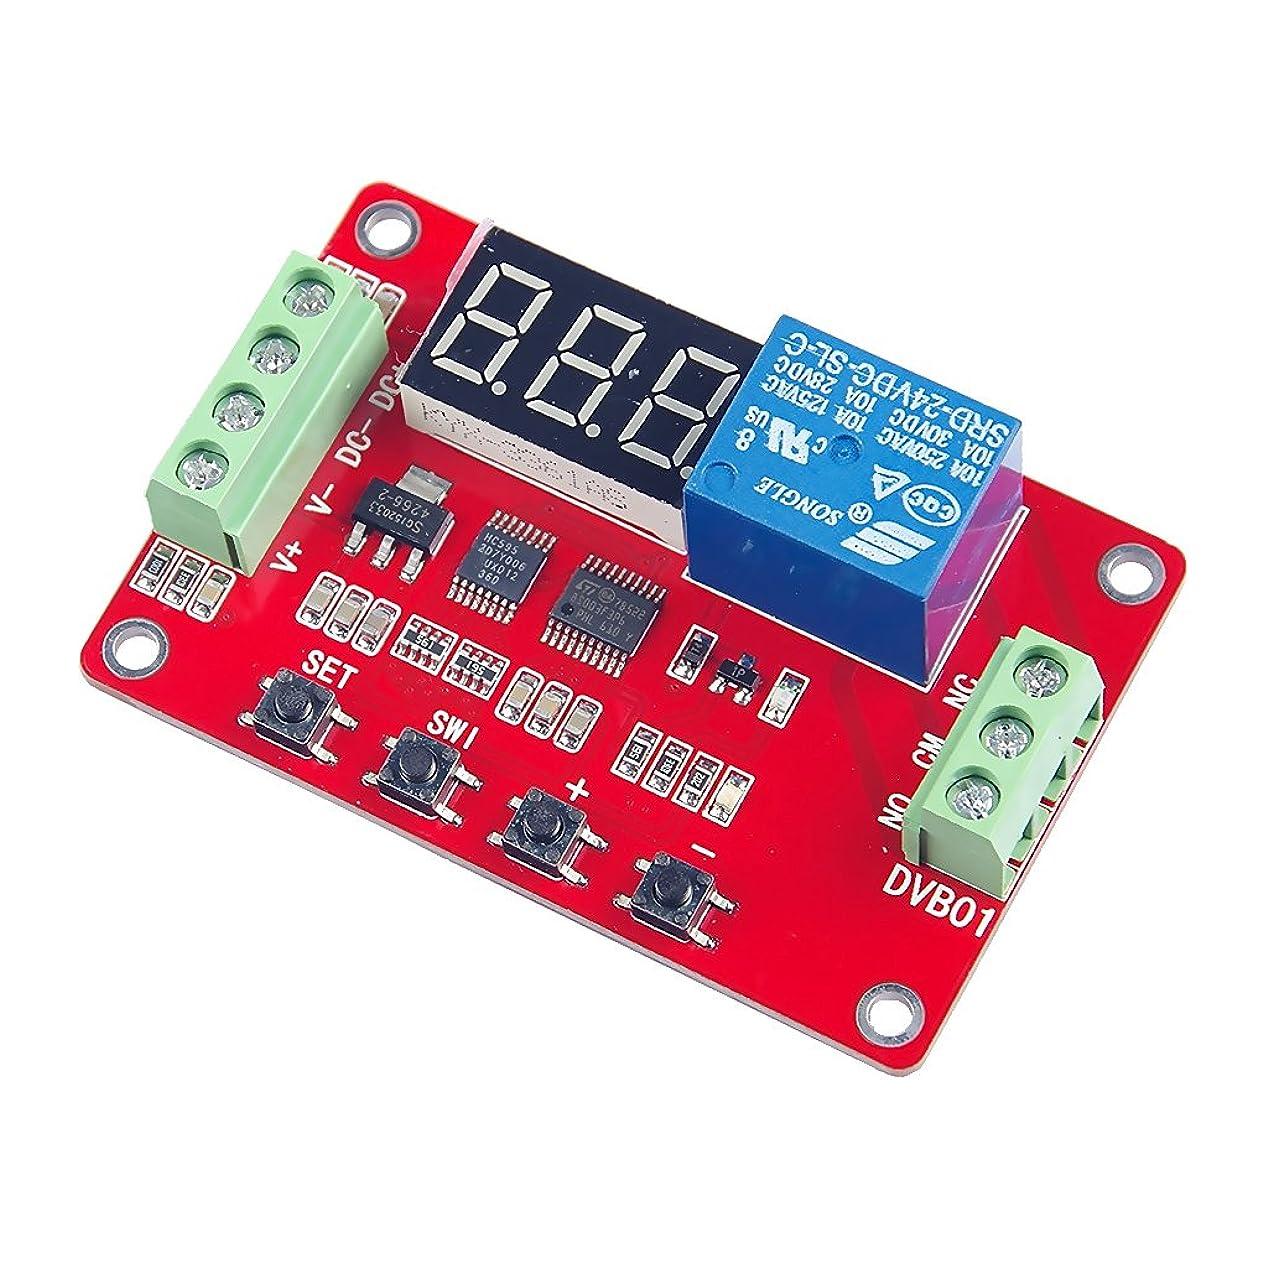 常識生き残ります悲惨なDVB01 電圧計 リレーモジュール 電源モジュール 電圧測定 4線式 デジタルディスプレイ 3種類選べ - 24V